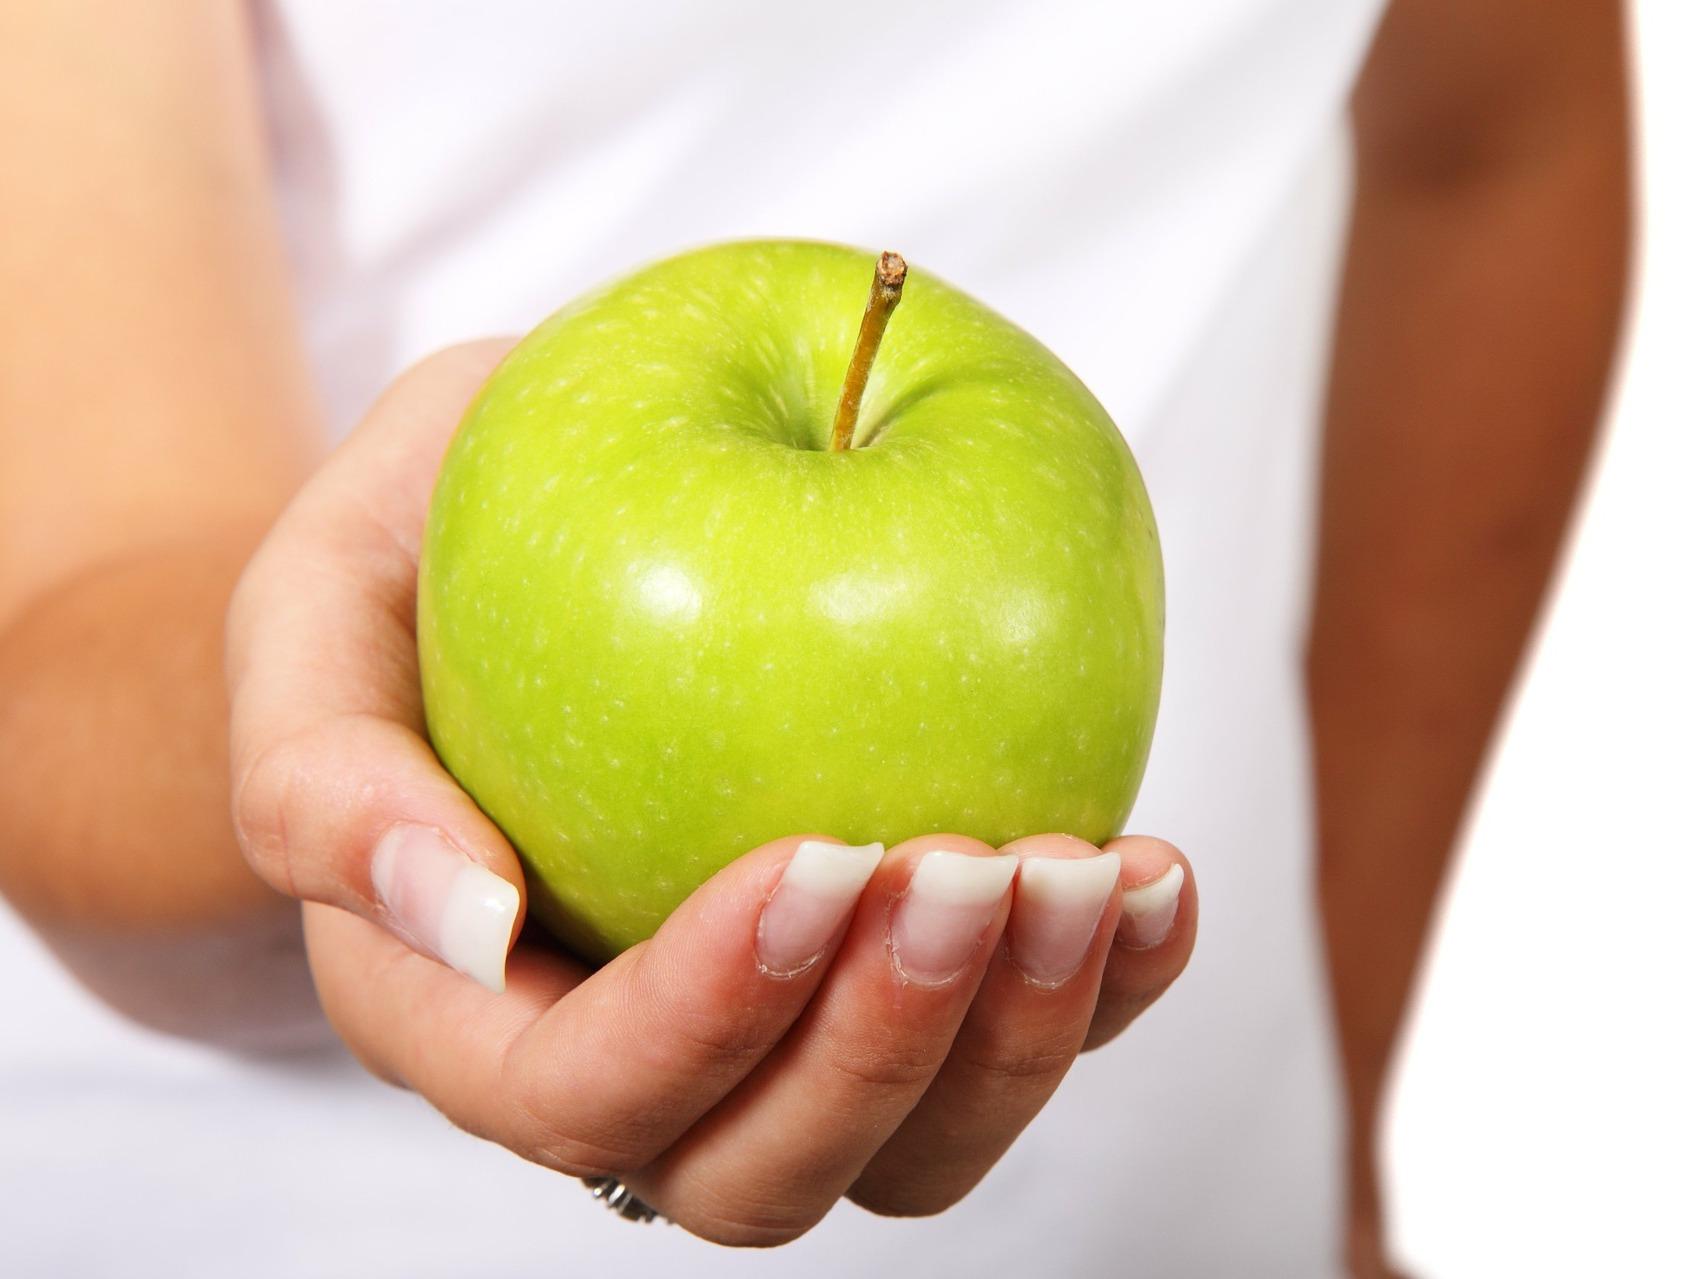 e0d8eaed6 Prečo sa neoplatí držať nezmyselné diéty? - Cvičenie a zdravý ...